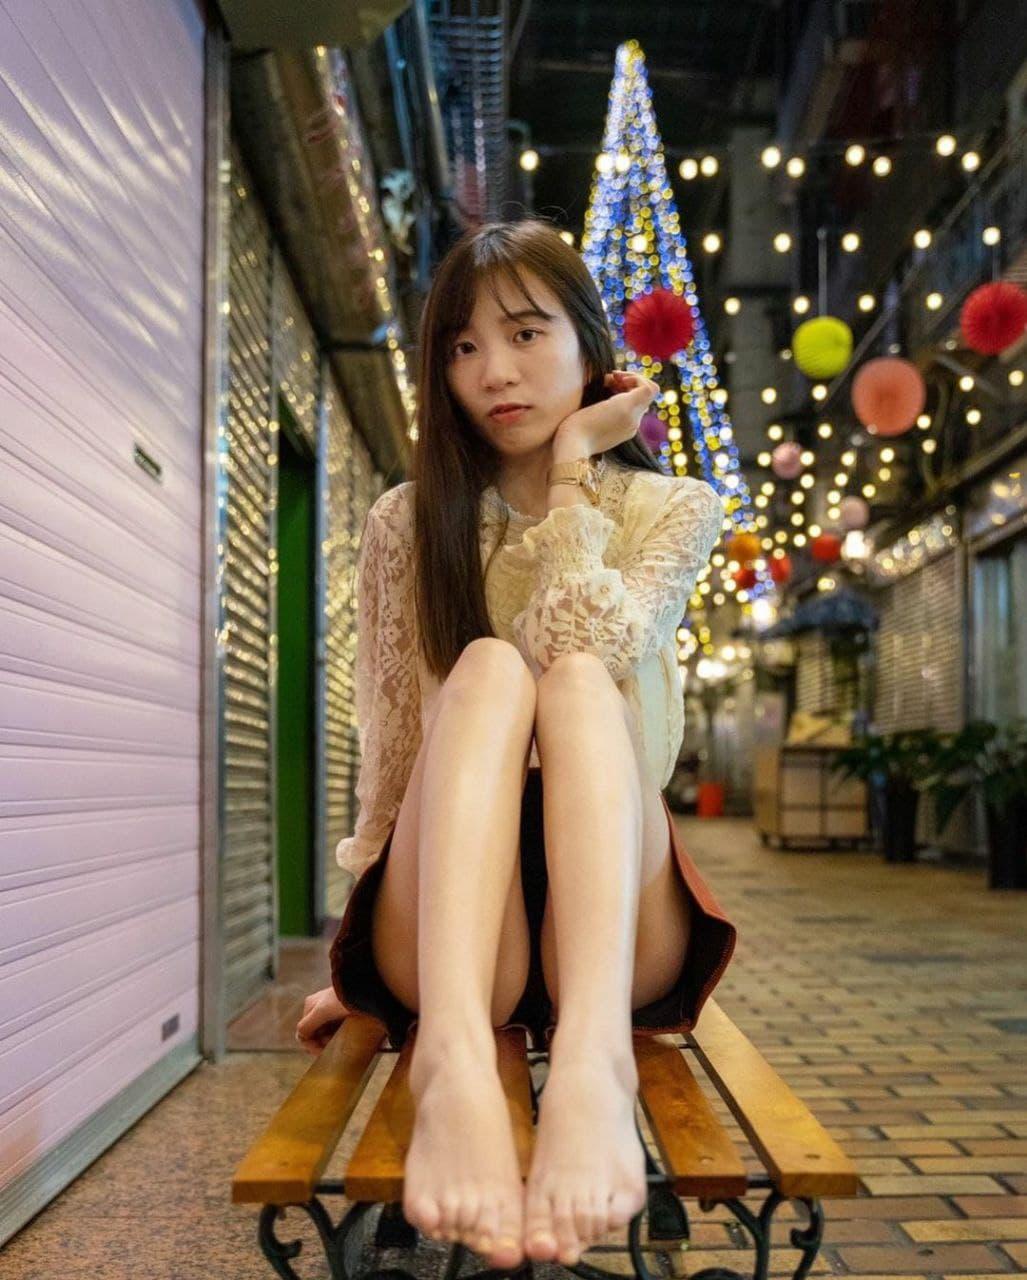 这么好看的美人美脚 真是让人垂涎三尺